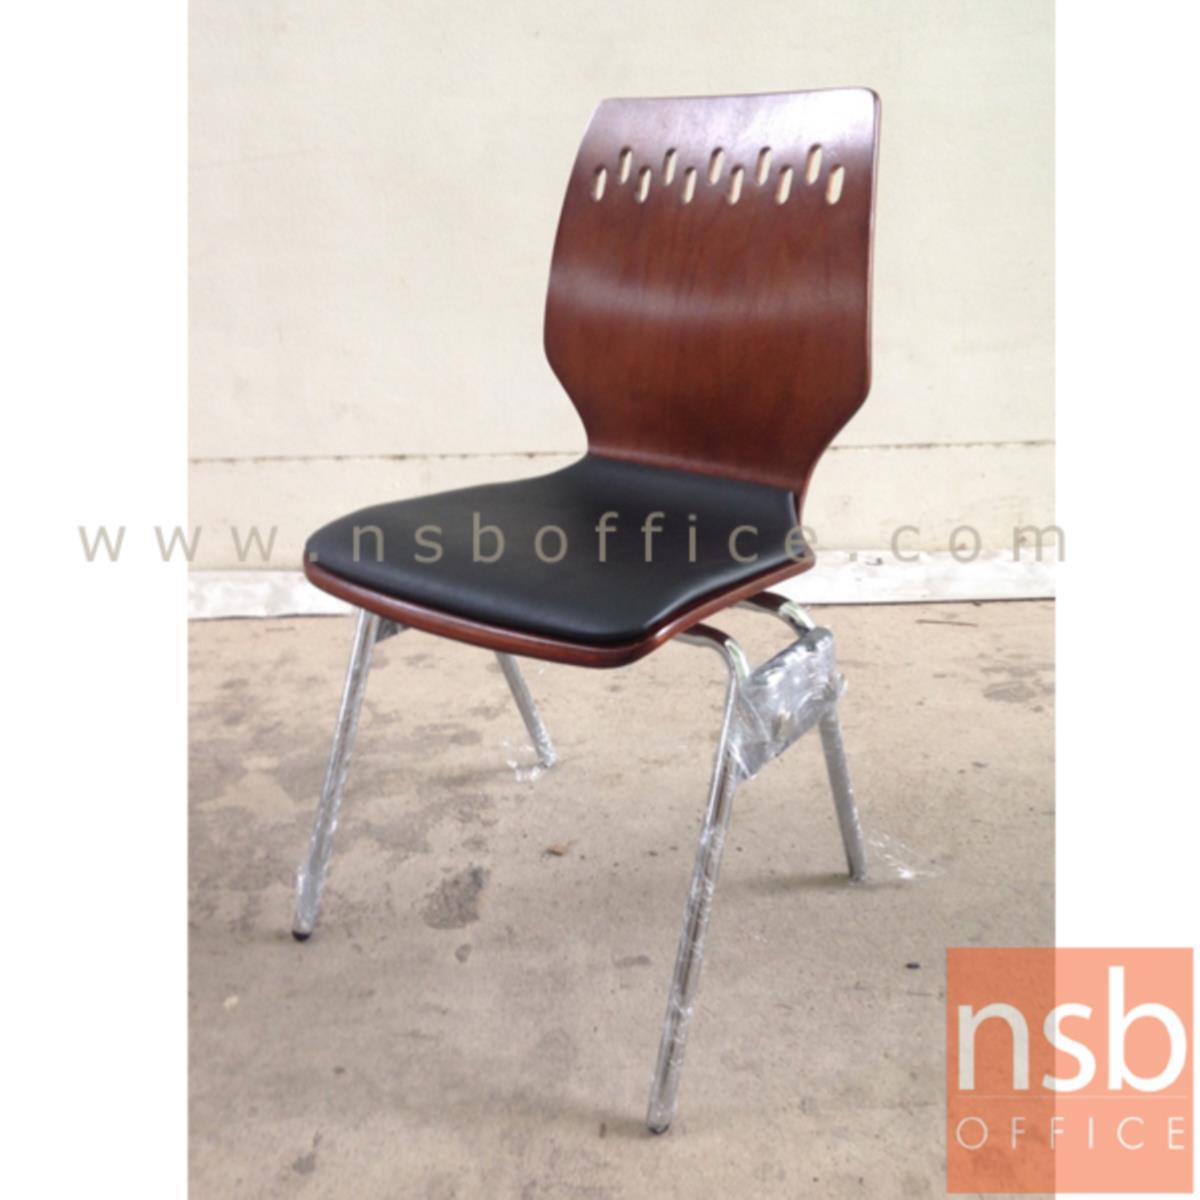 เก้าอี้อเนกประสงค์ไม้วีเนียร์ดัด รุ่น Sinister (ซินนิสเตอร์)  ขาเหล็กชุบโครเมี่ยม